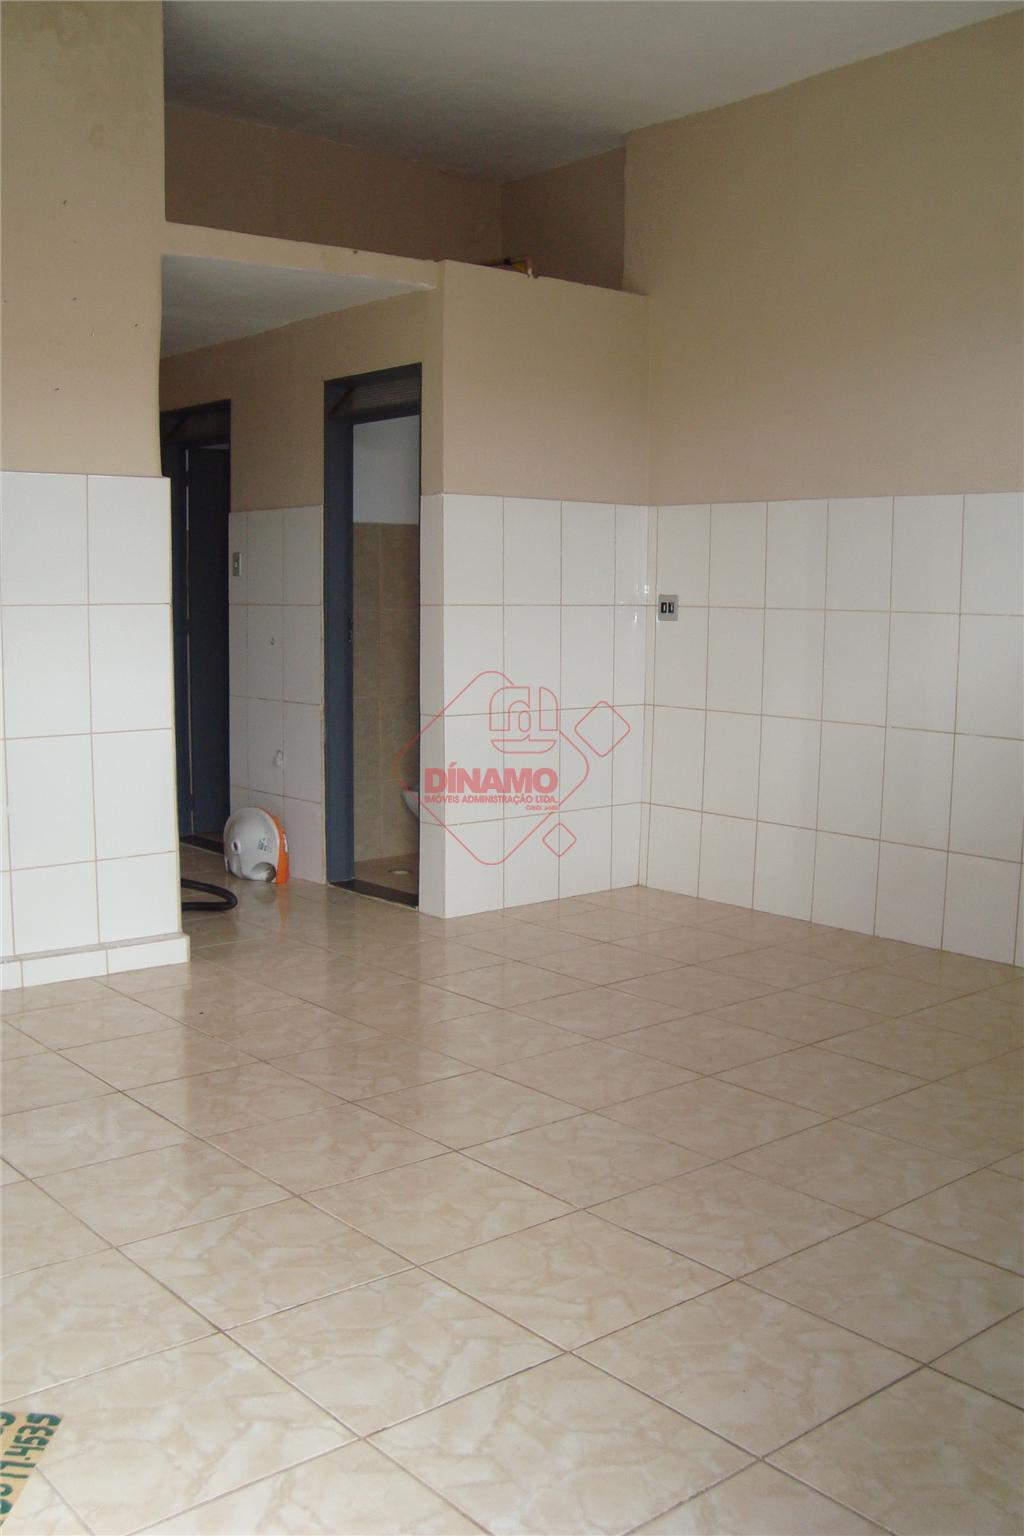 salão medindo +/- 30 m², pia, 02 banheiros, porta aço.